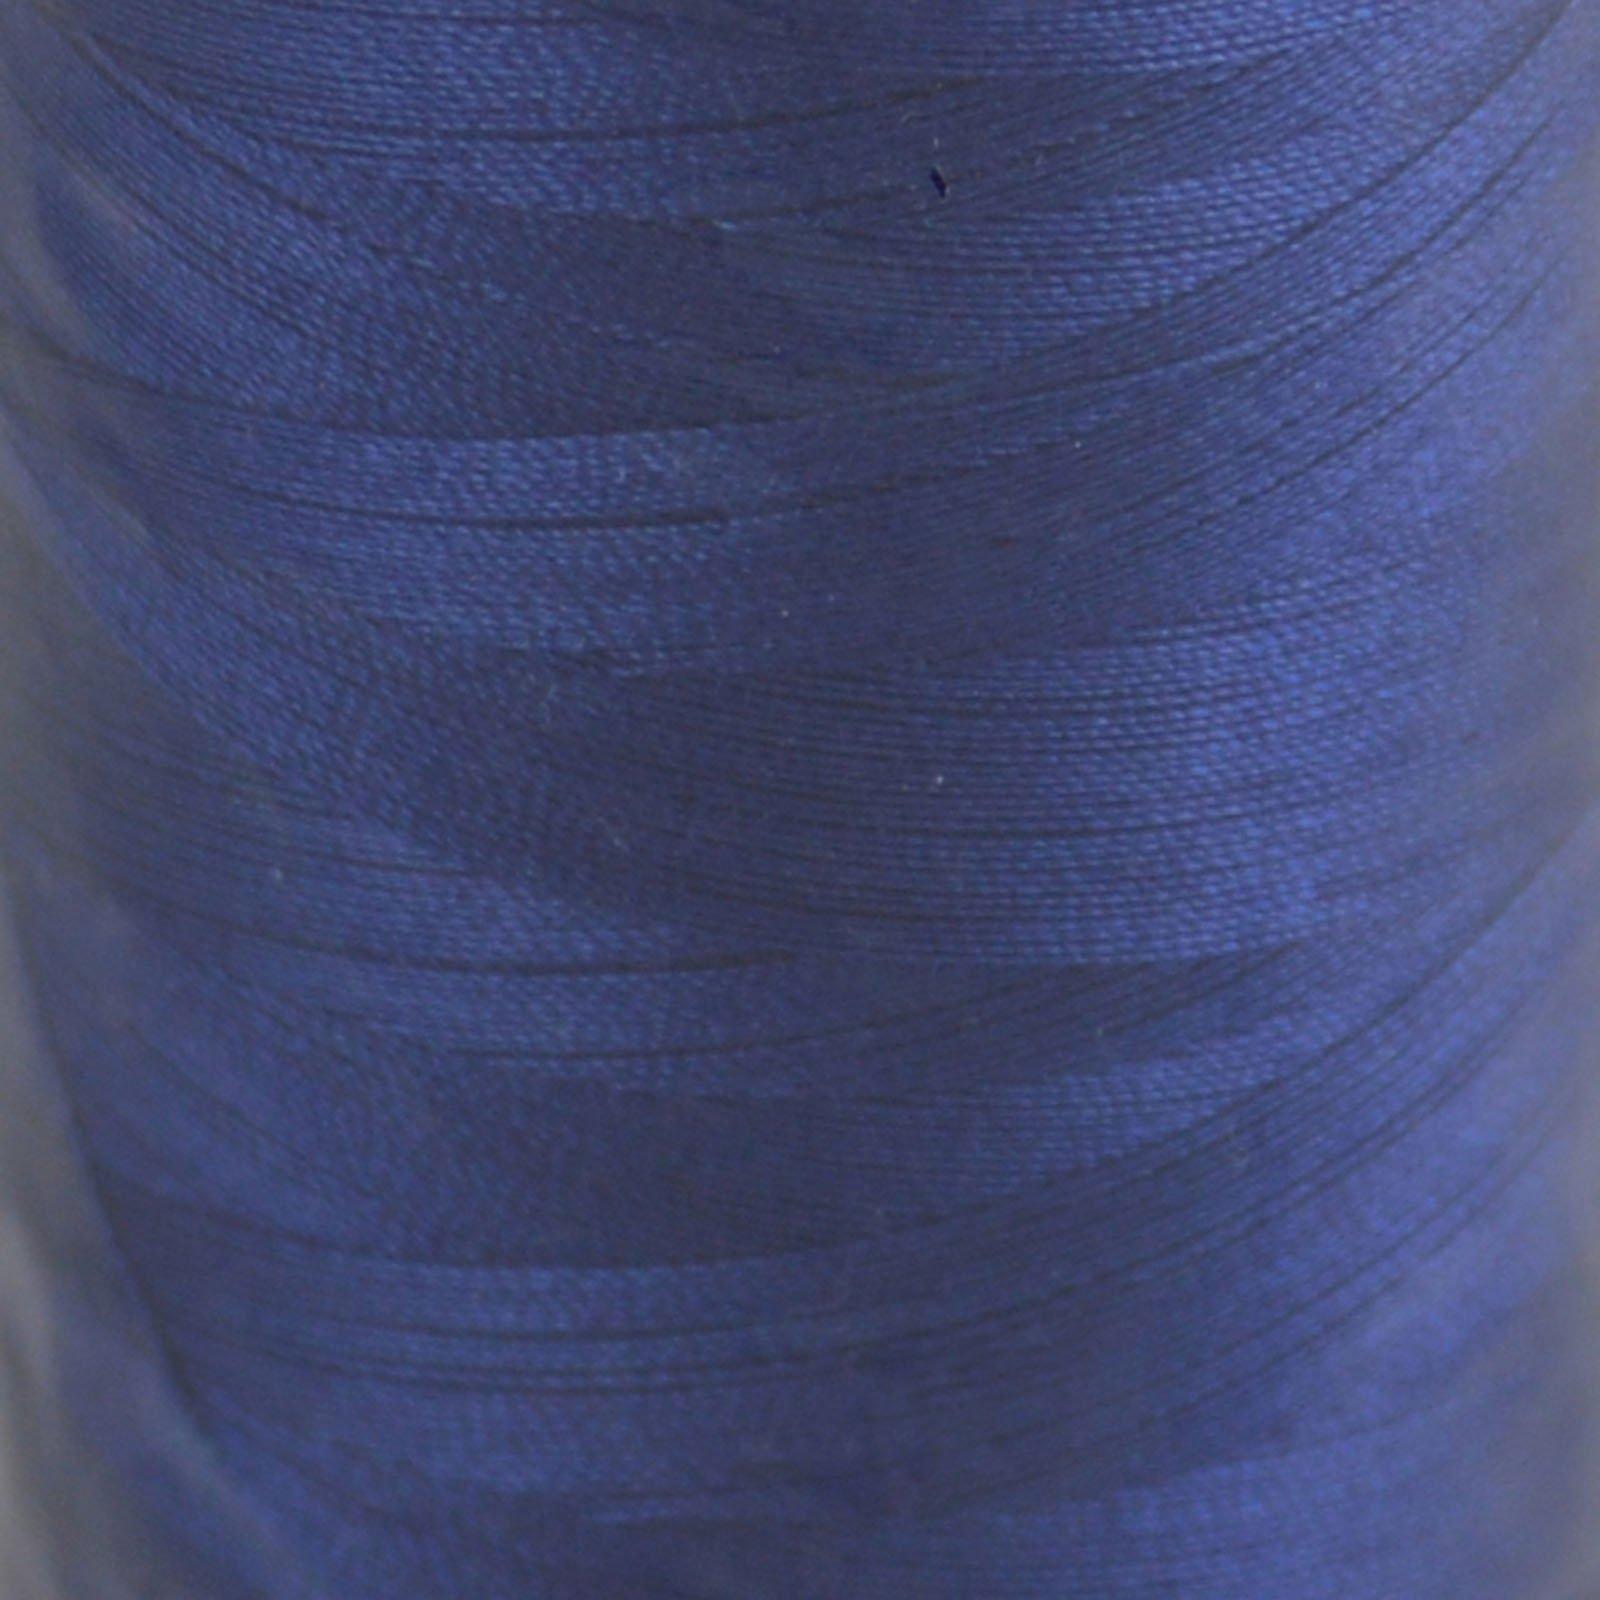 # 2780 Dark Delft Blue